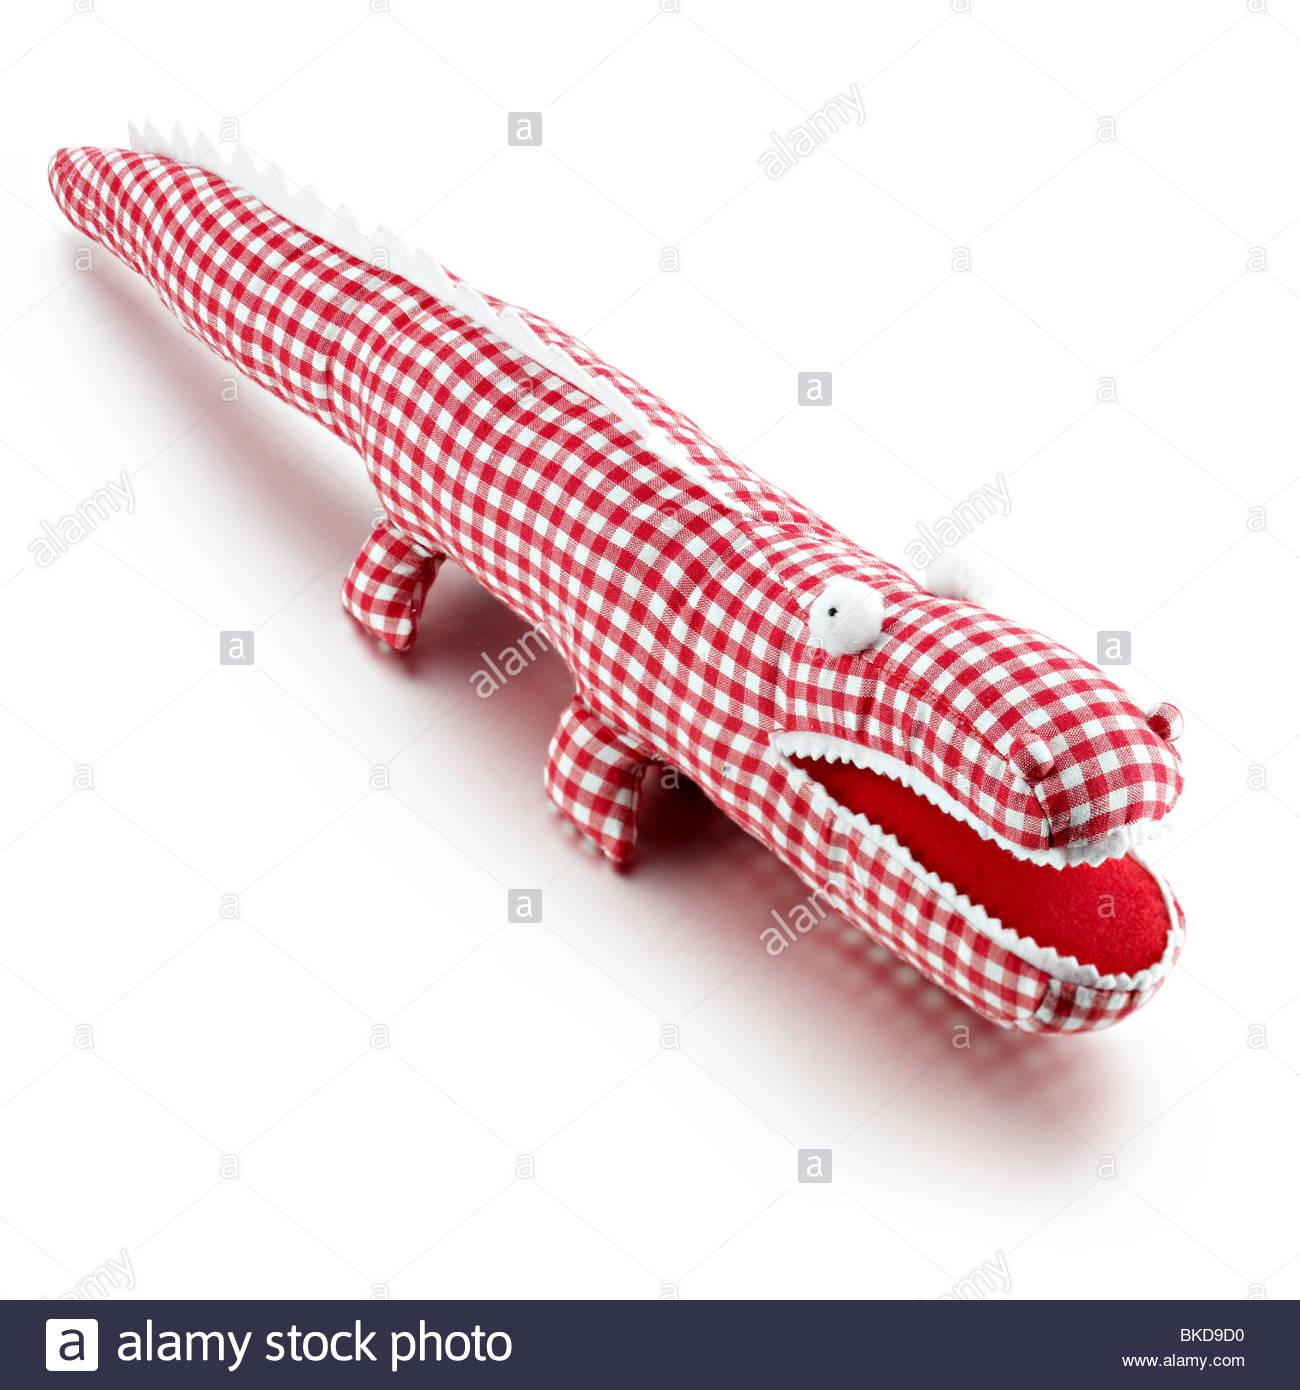 gingham stuffed crocodile - Stock Image